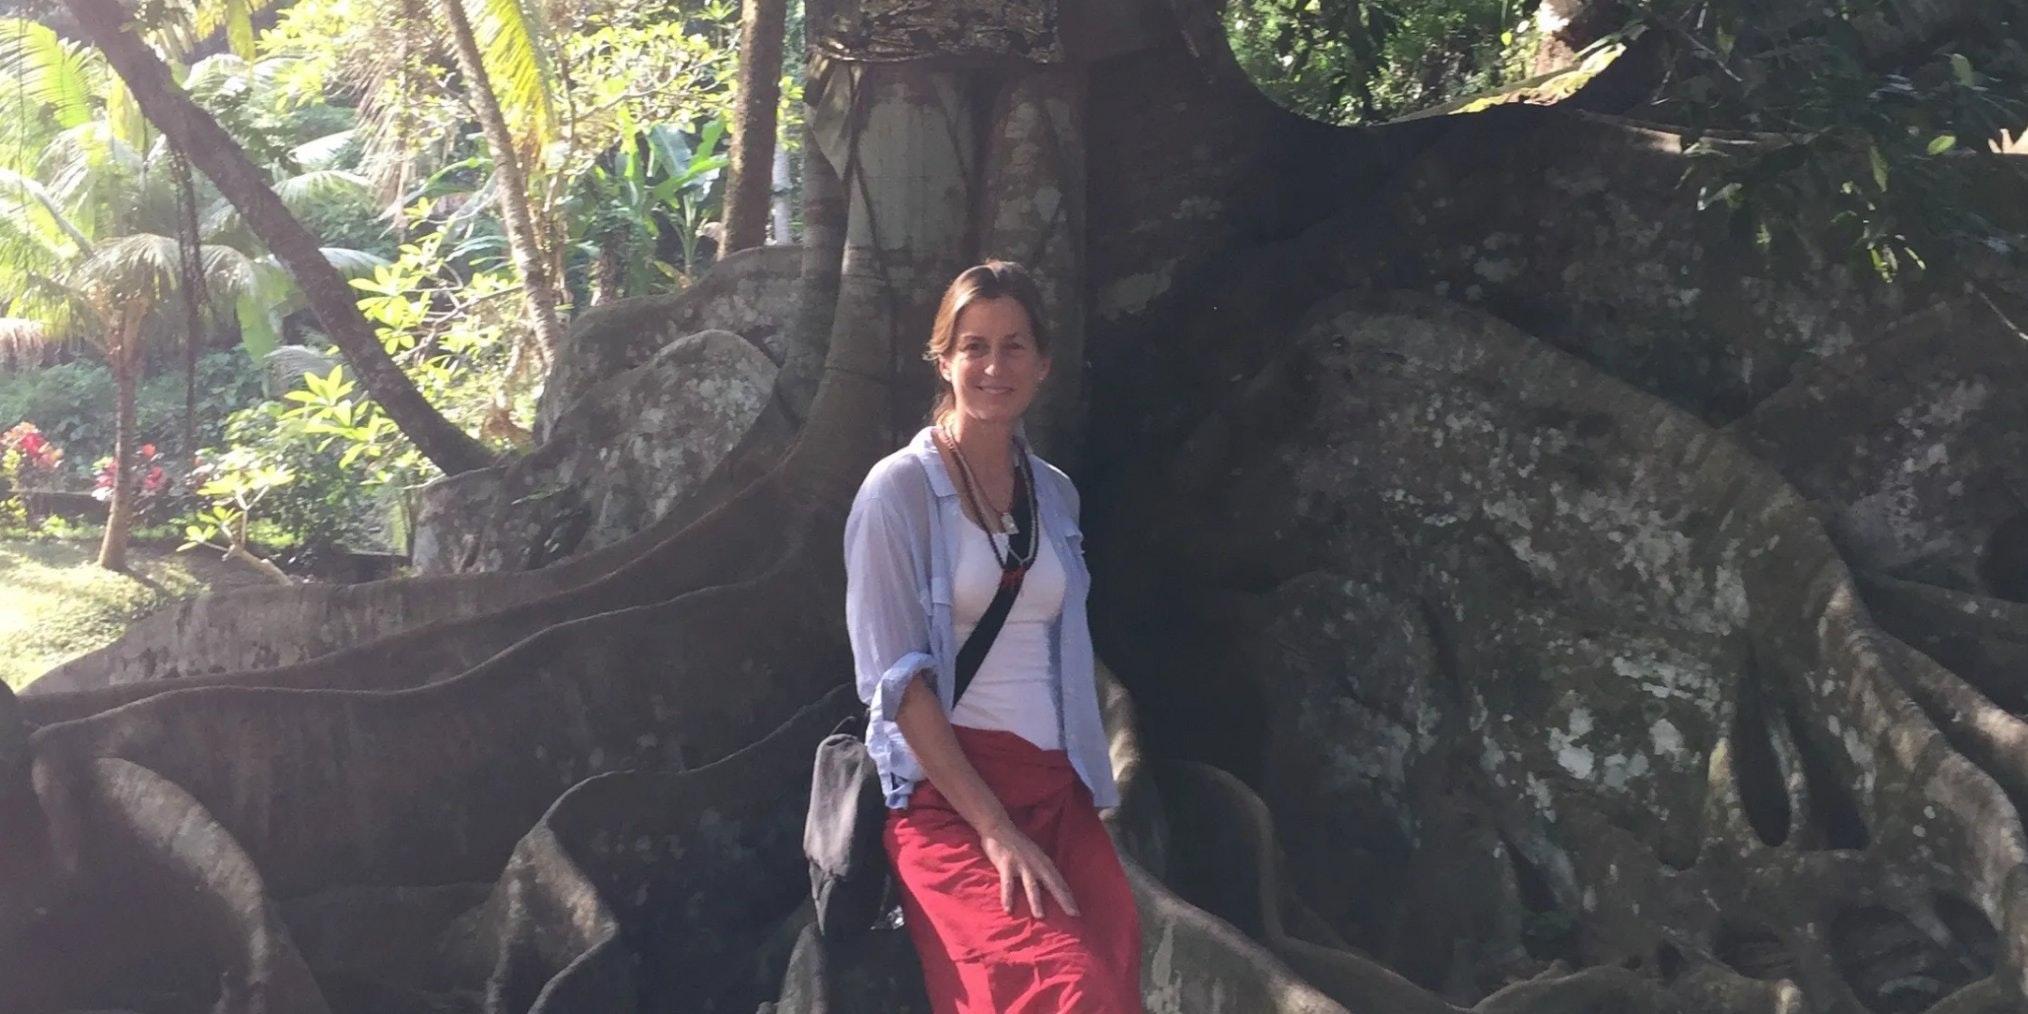 Dr. Cristina Lang